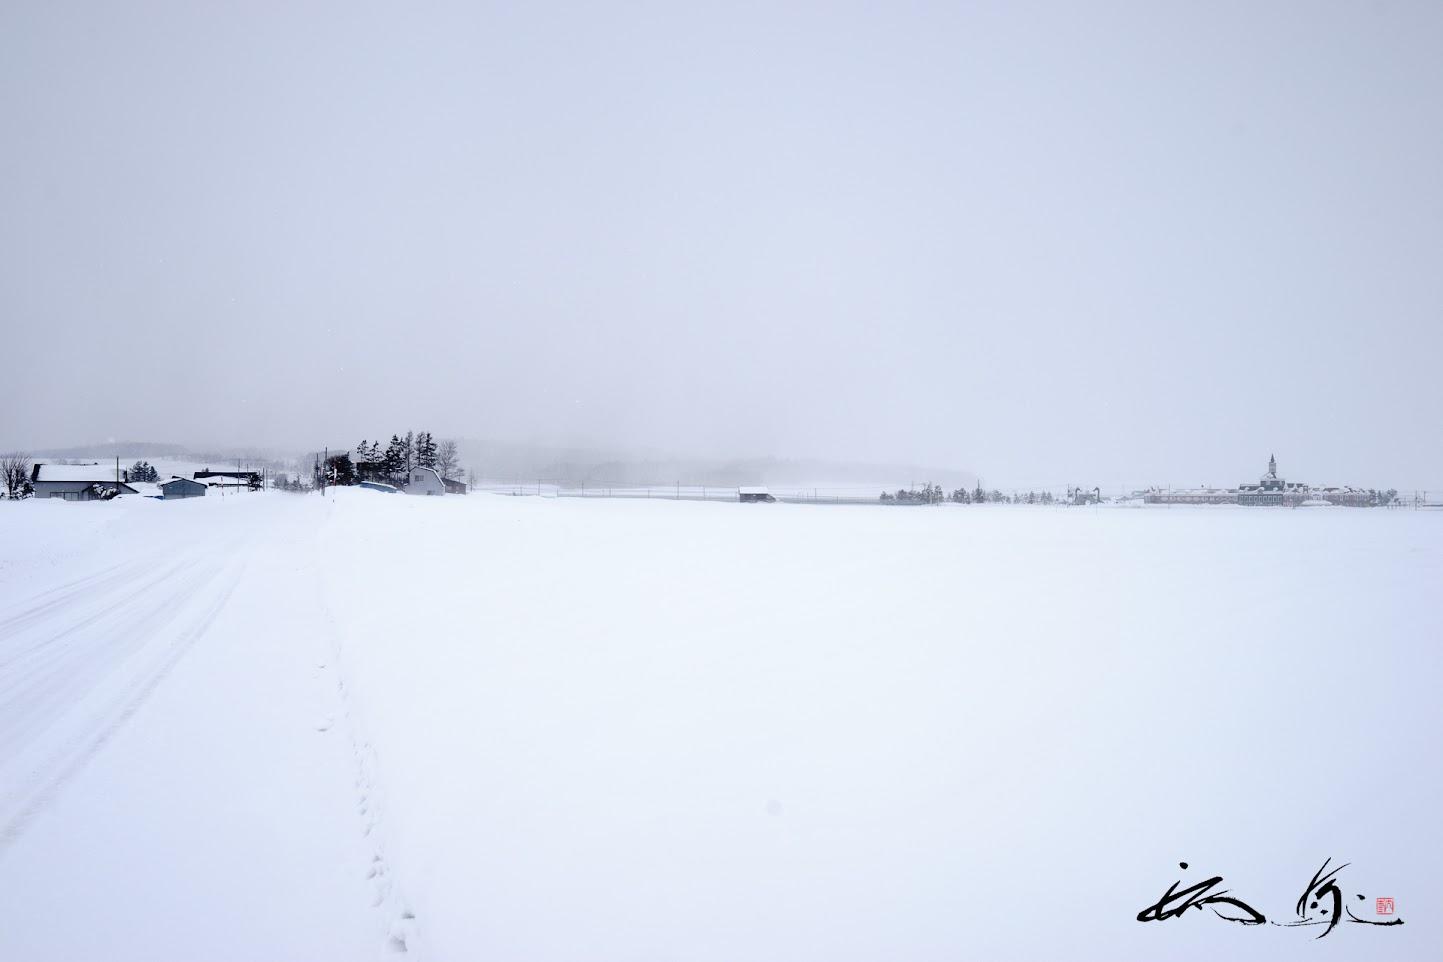 雪が舞う白銀の世界